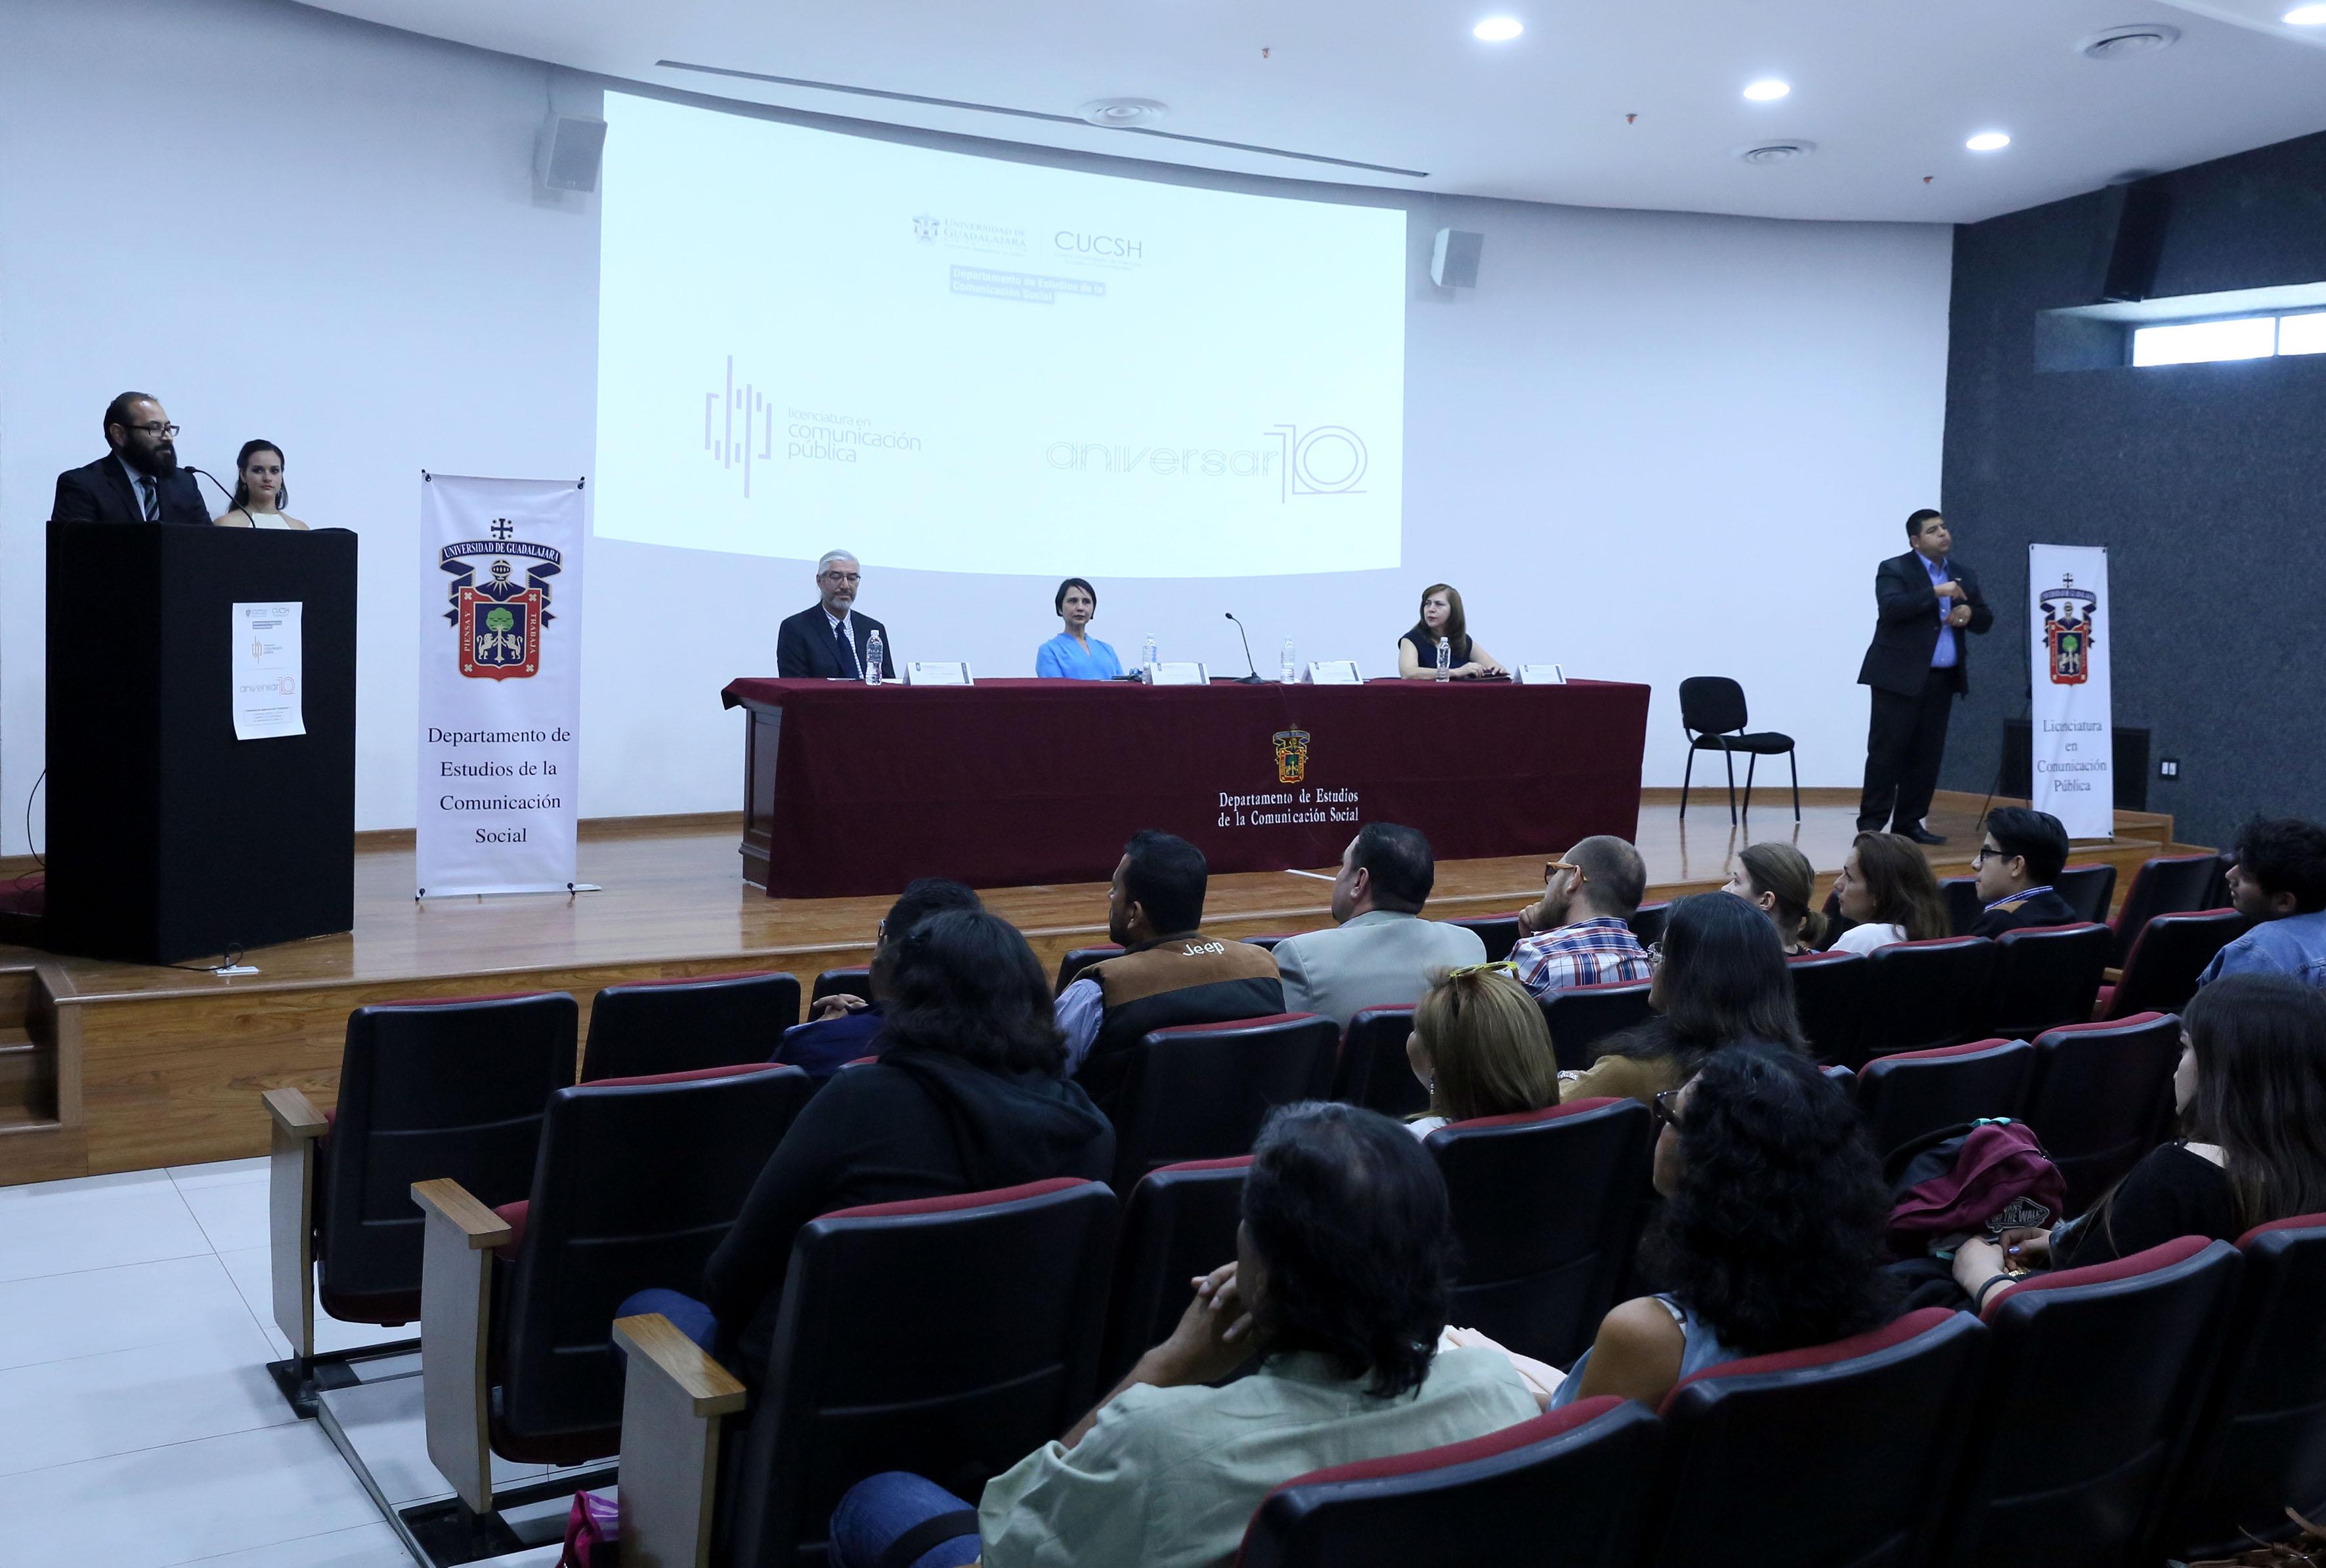 Coordinador de esta licenciatura, doctor Carlos Emiliano Vidales Gonzáles haciendo uso de la palabra